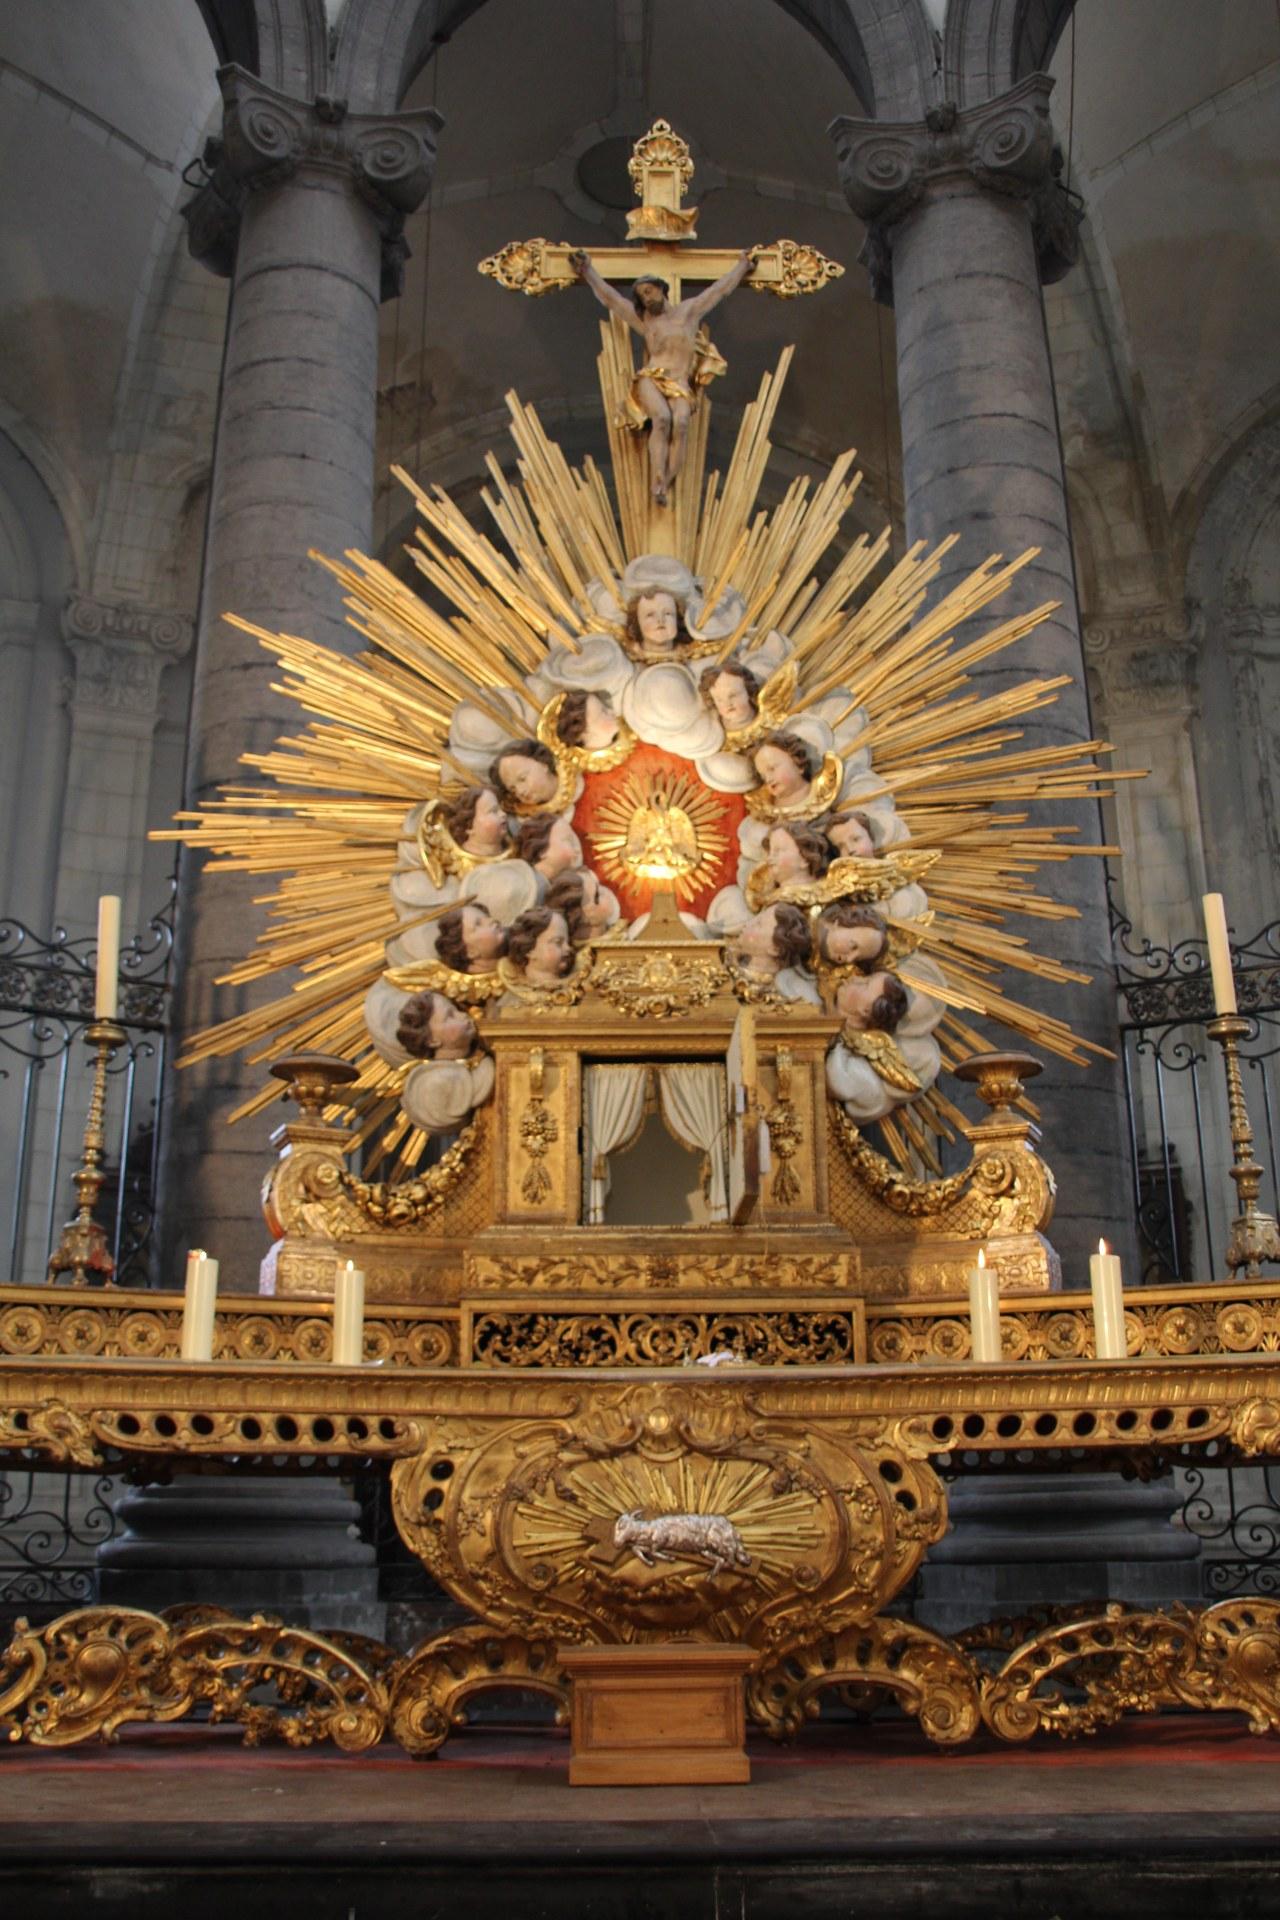 Le maître-autel.